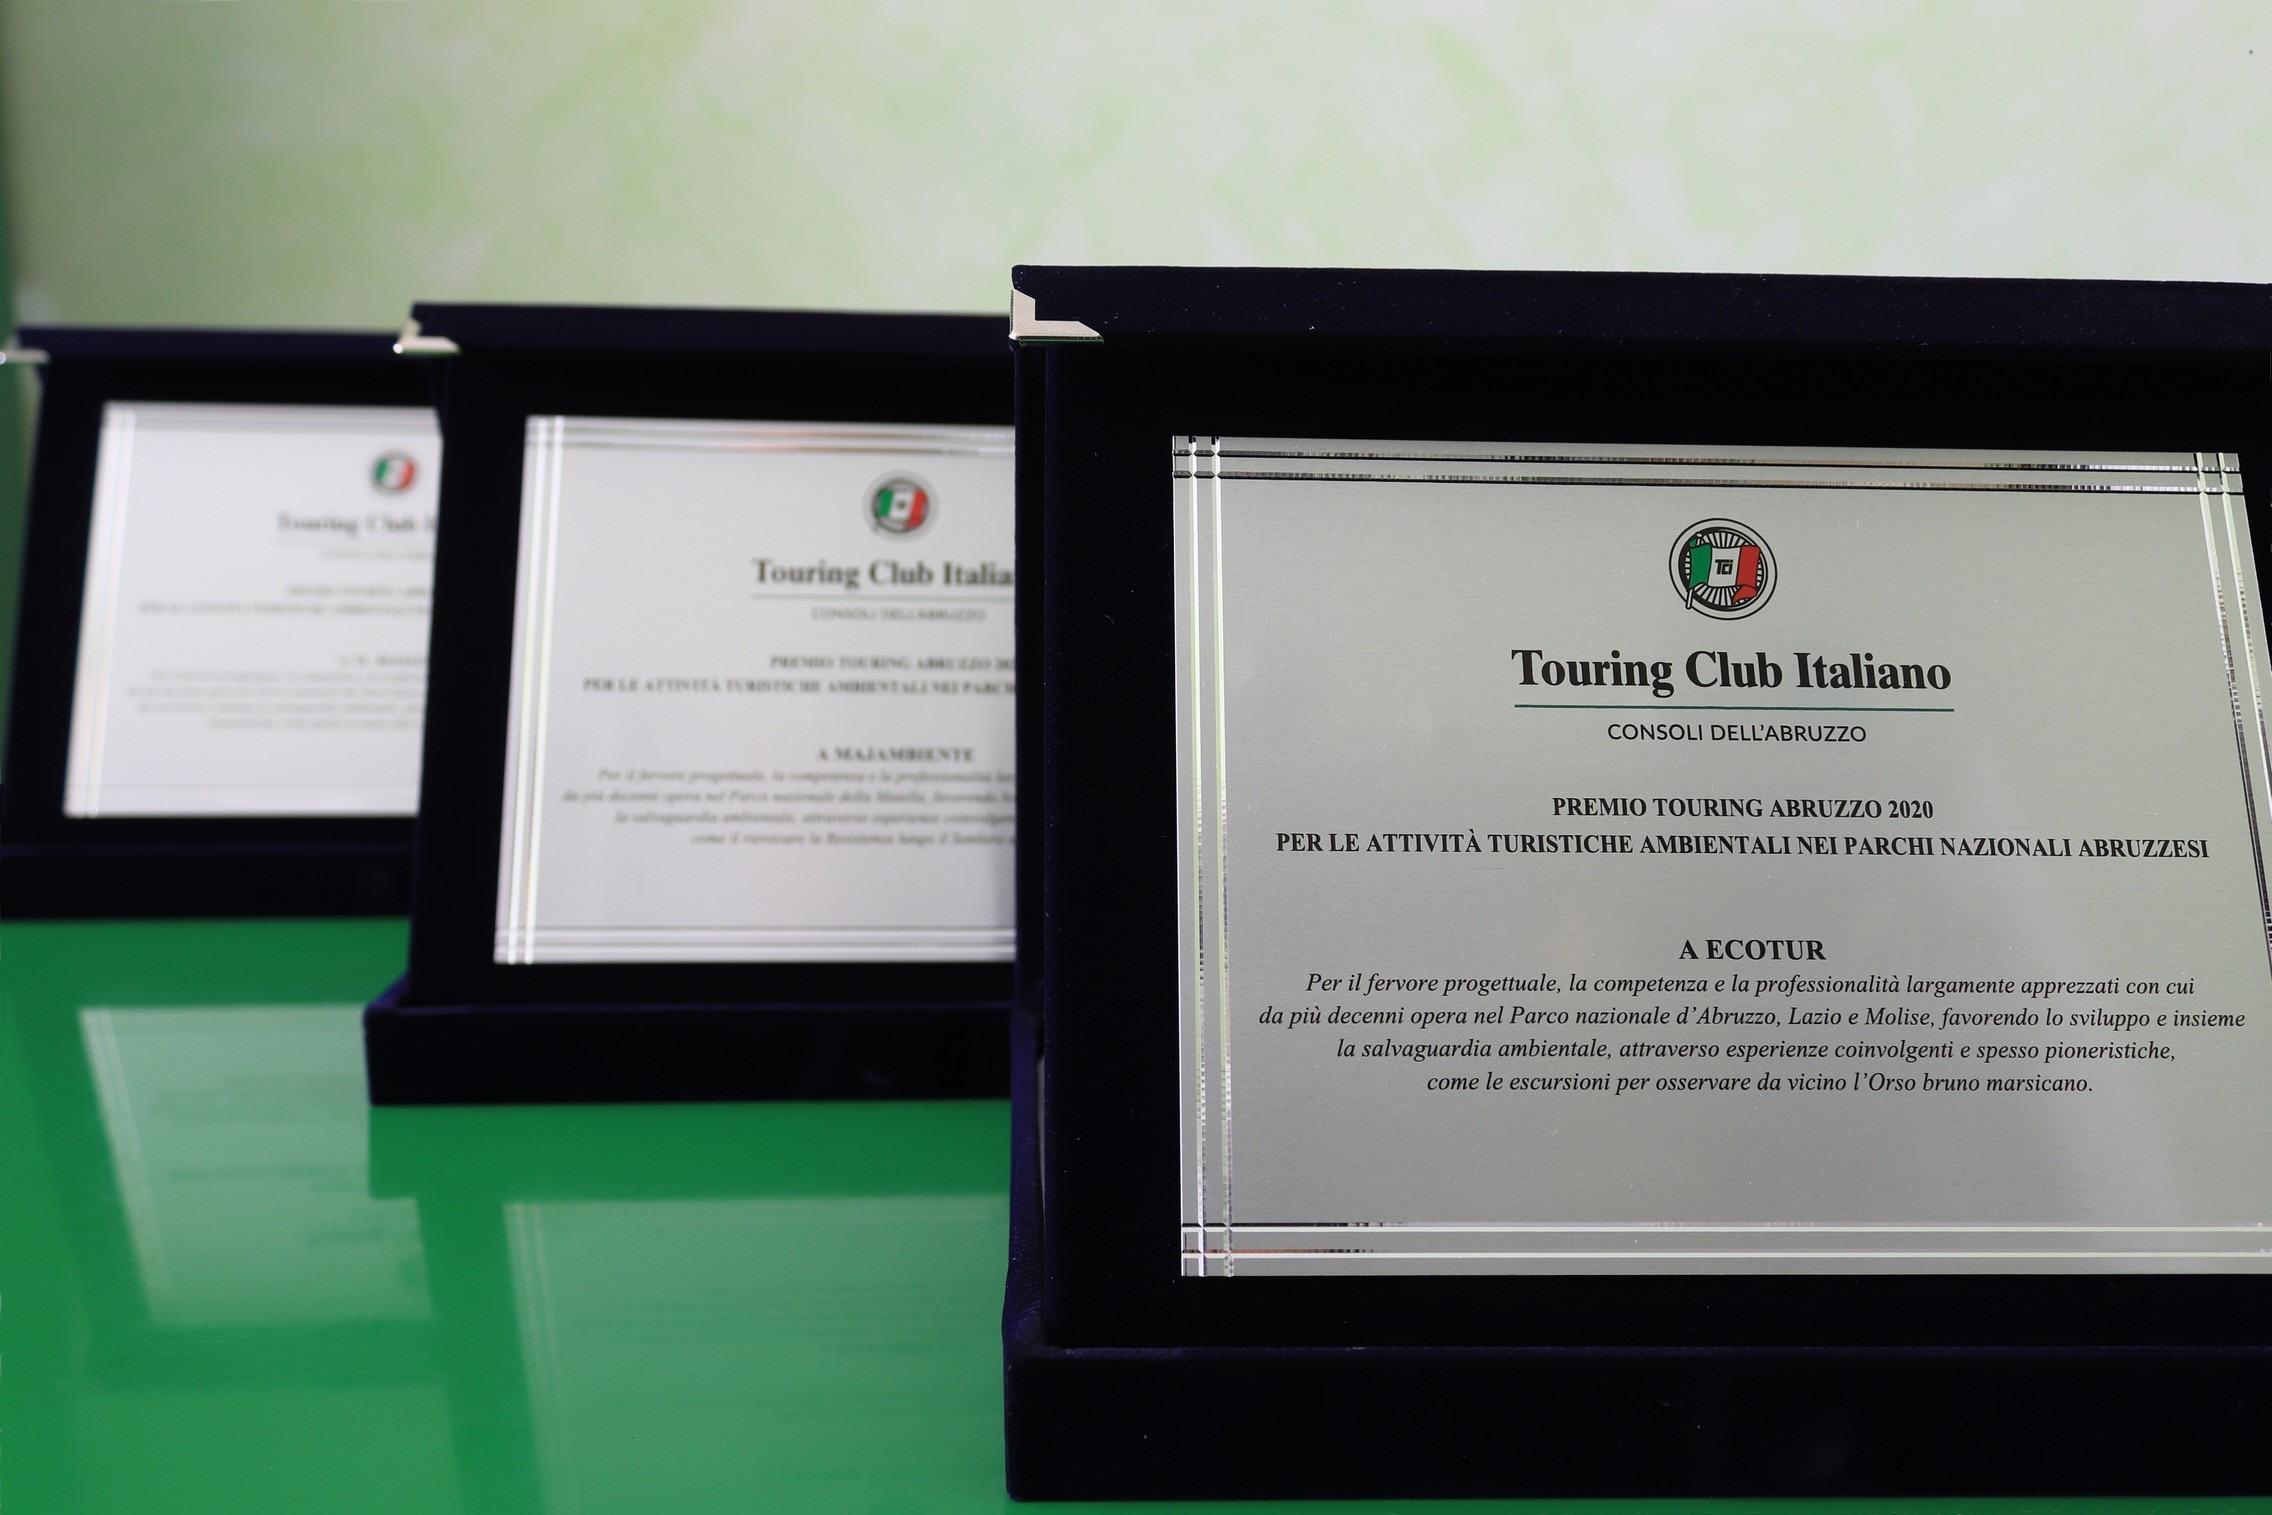 Nei tre Parchi nazionali i vincitori del Premio Touring Abruzzo 2020